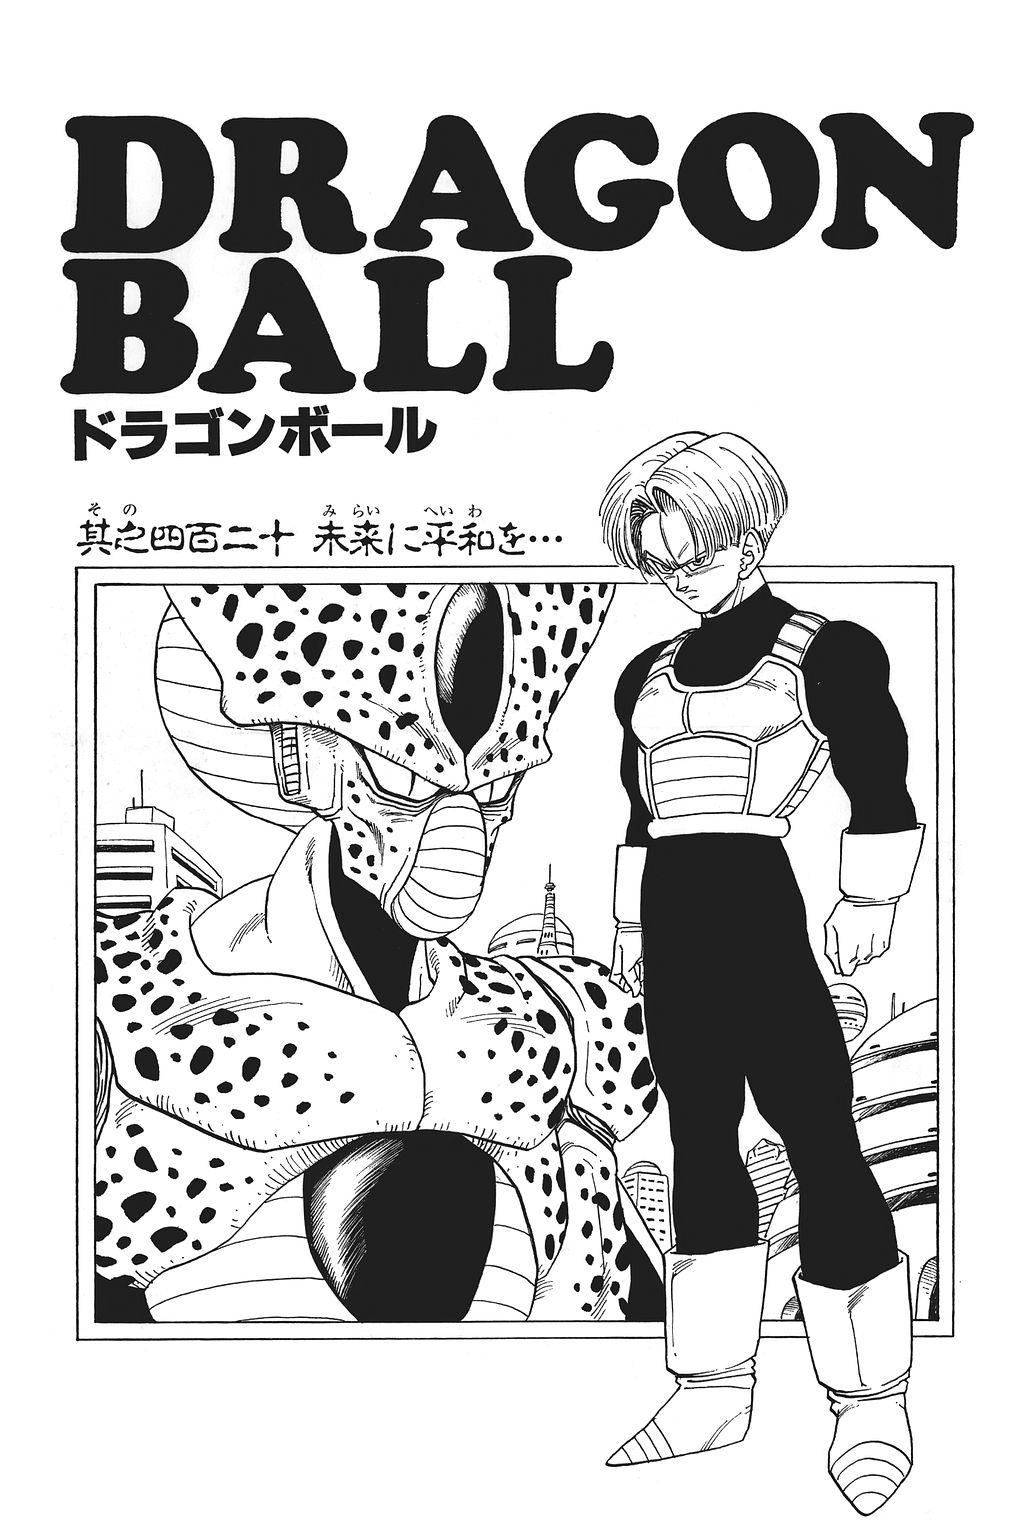 xem truyen moi - Dragon Ball Bản Vip - Bản Đẹp Nguyên Gốc Chap 420